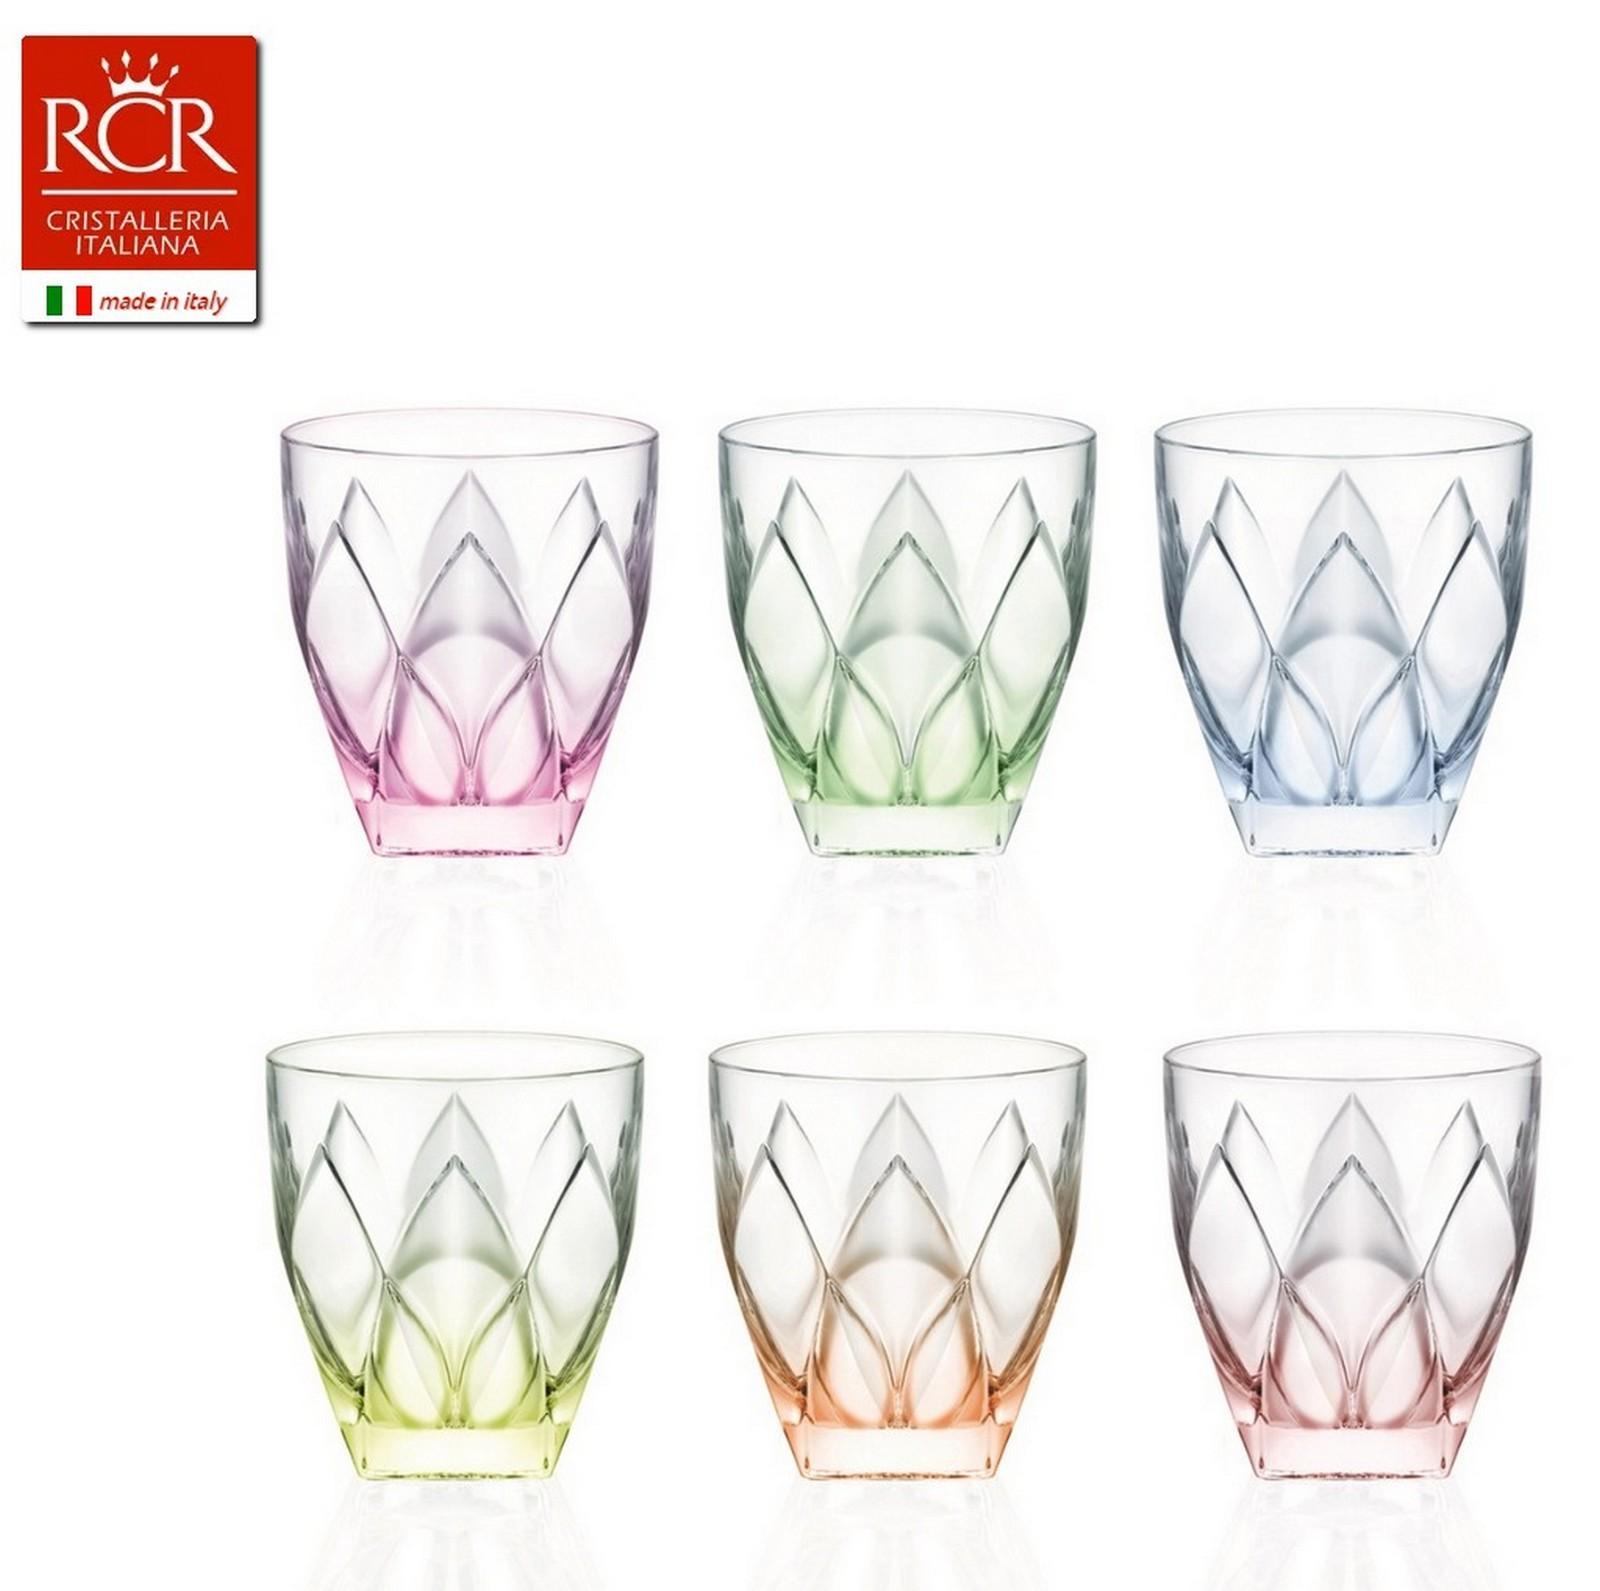 Набор стаканов для виски 250 мл цыетные 6 шт NINPHEA RCR TRENDS28260Итальянский брэнд RCR Cristalleria Italiana берет свои истоки из городка в пригороде Италии, традиции обработки стекла в котором уходят в средние века. Плавить хрусталь и наполнять уникальностью каждое изделие, наделять его изяществом форм и высоким качеством - это то, что умеют мастера торгового дома RCR Cristalleria Italiana сегодня и совершенствуются в своем мастерстве каждый день. Популярность компании растет с каждым днем все больше и больше, а изделия разлетаются по всему миру и остаются востребованными на рынке сервировочной посуды. Ведь изготовление предметов сервировки для украшения праздничного стола и для ежедневных обедов - это и есть основное направление деятельности компании RCR Cristalleria Italiana.